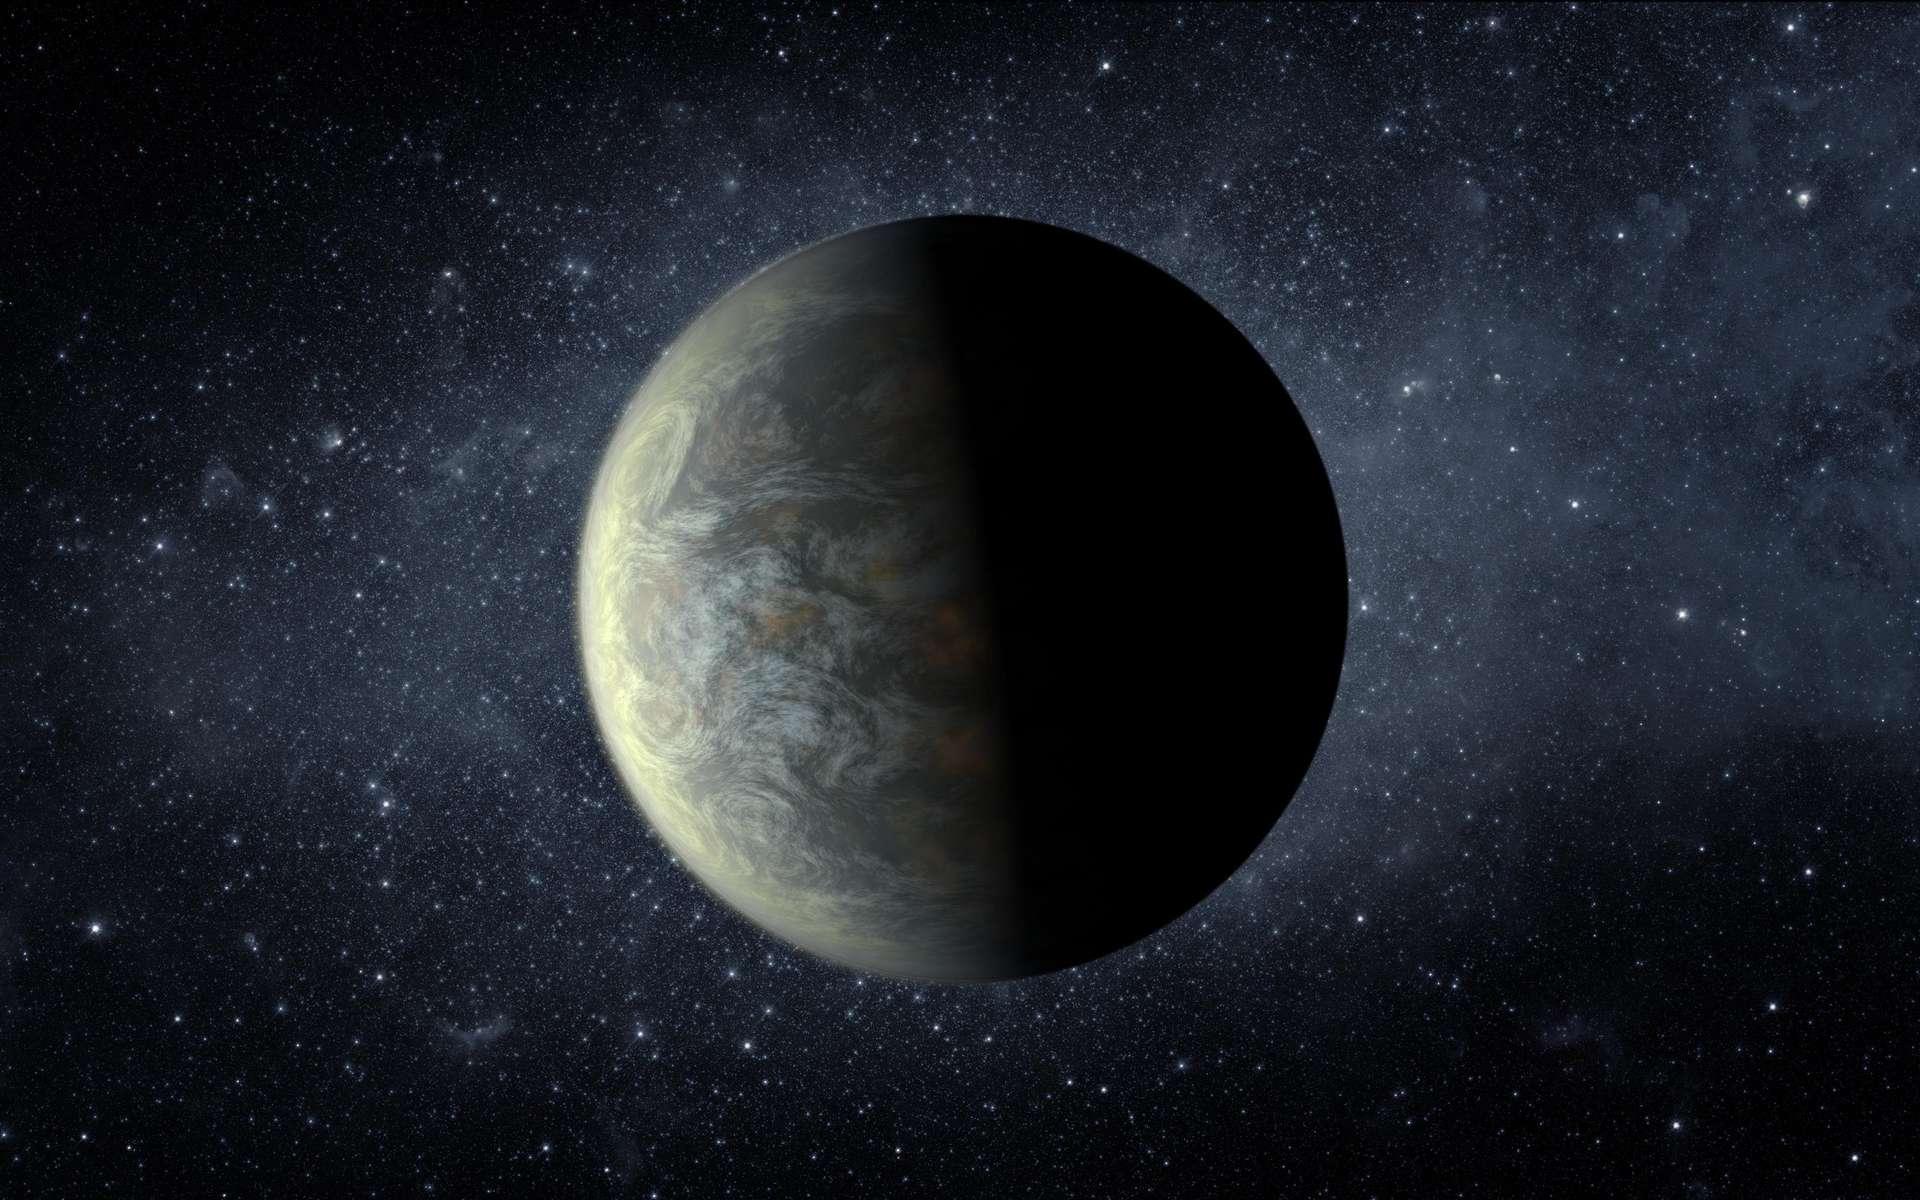 Si les extraterrestres ne nous rendent pas visite, c'est peut-être qu'ils sont coincés sur leur planète par une gravité trop forte. Ce serait le cas sur la superterre Kepler-20 b, dont cette vue d'artiste montre le système planétaire. © Nasa, Ames, JPL-Caltech